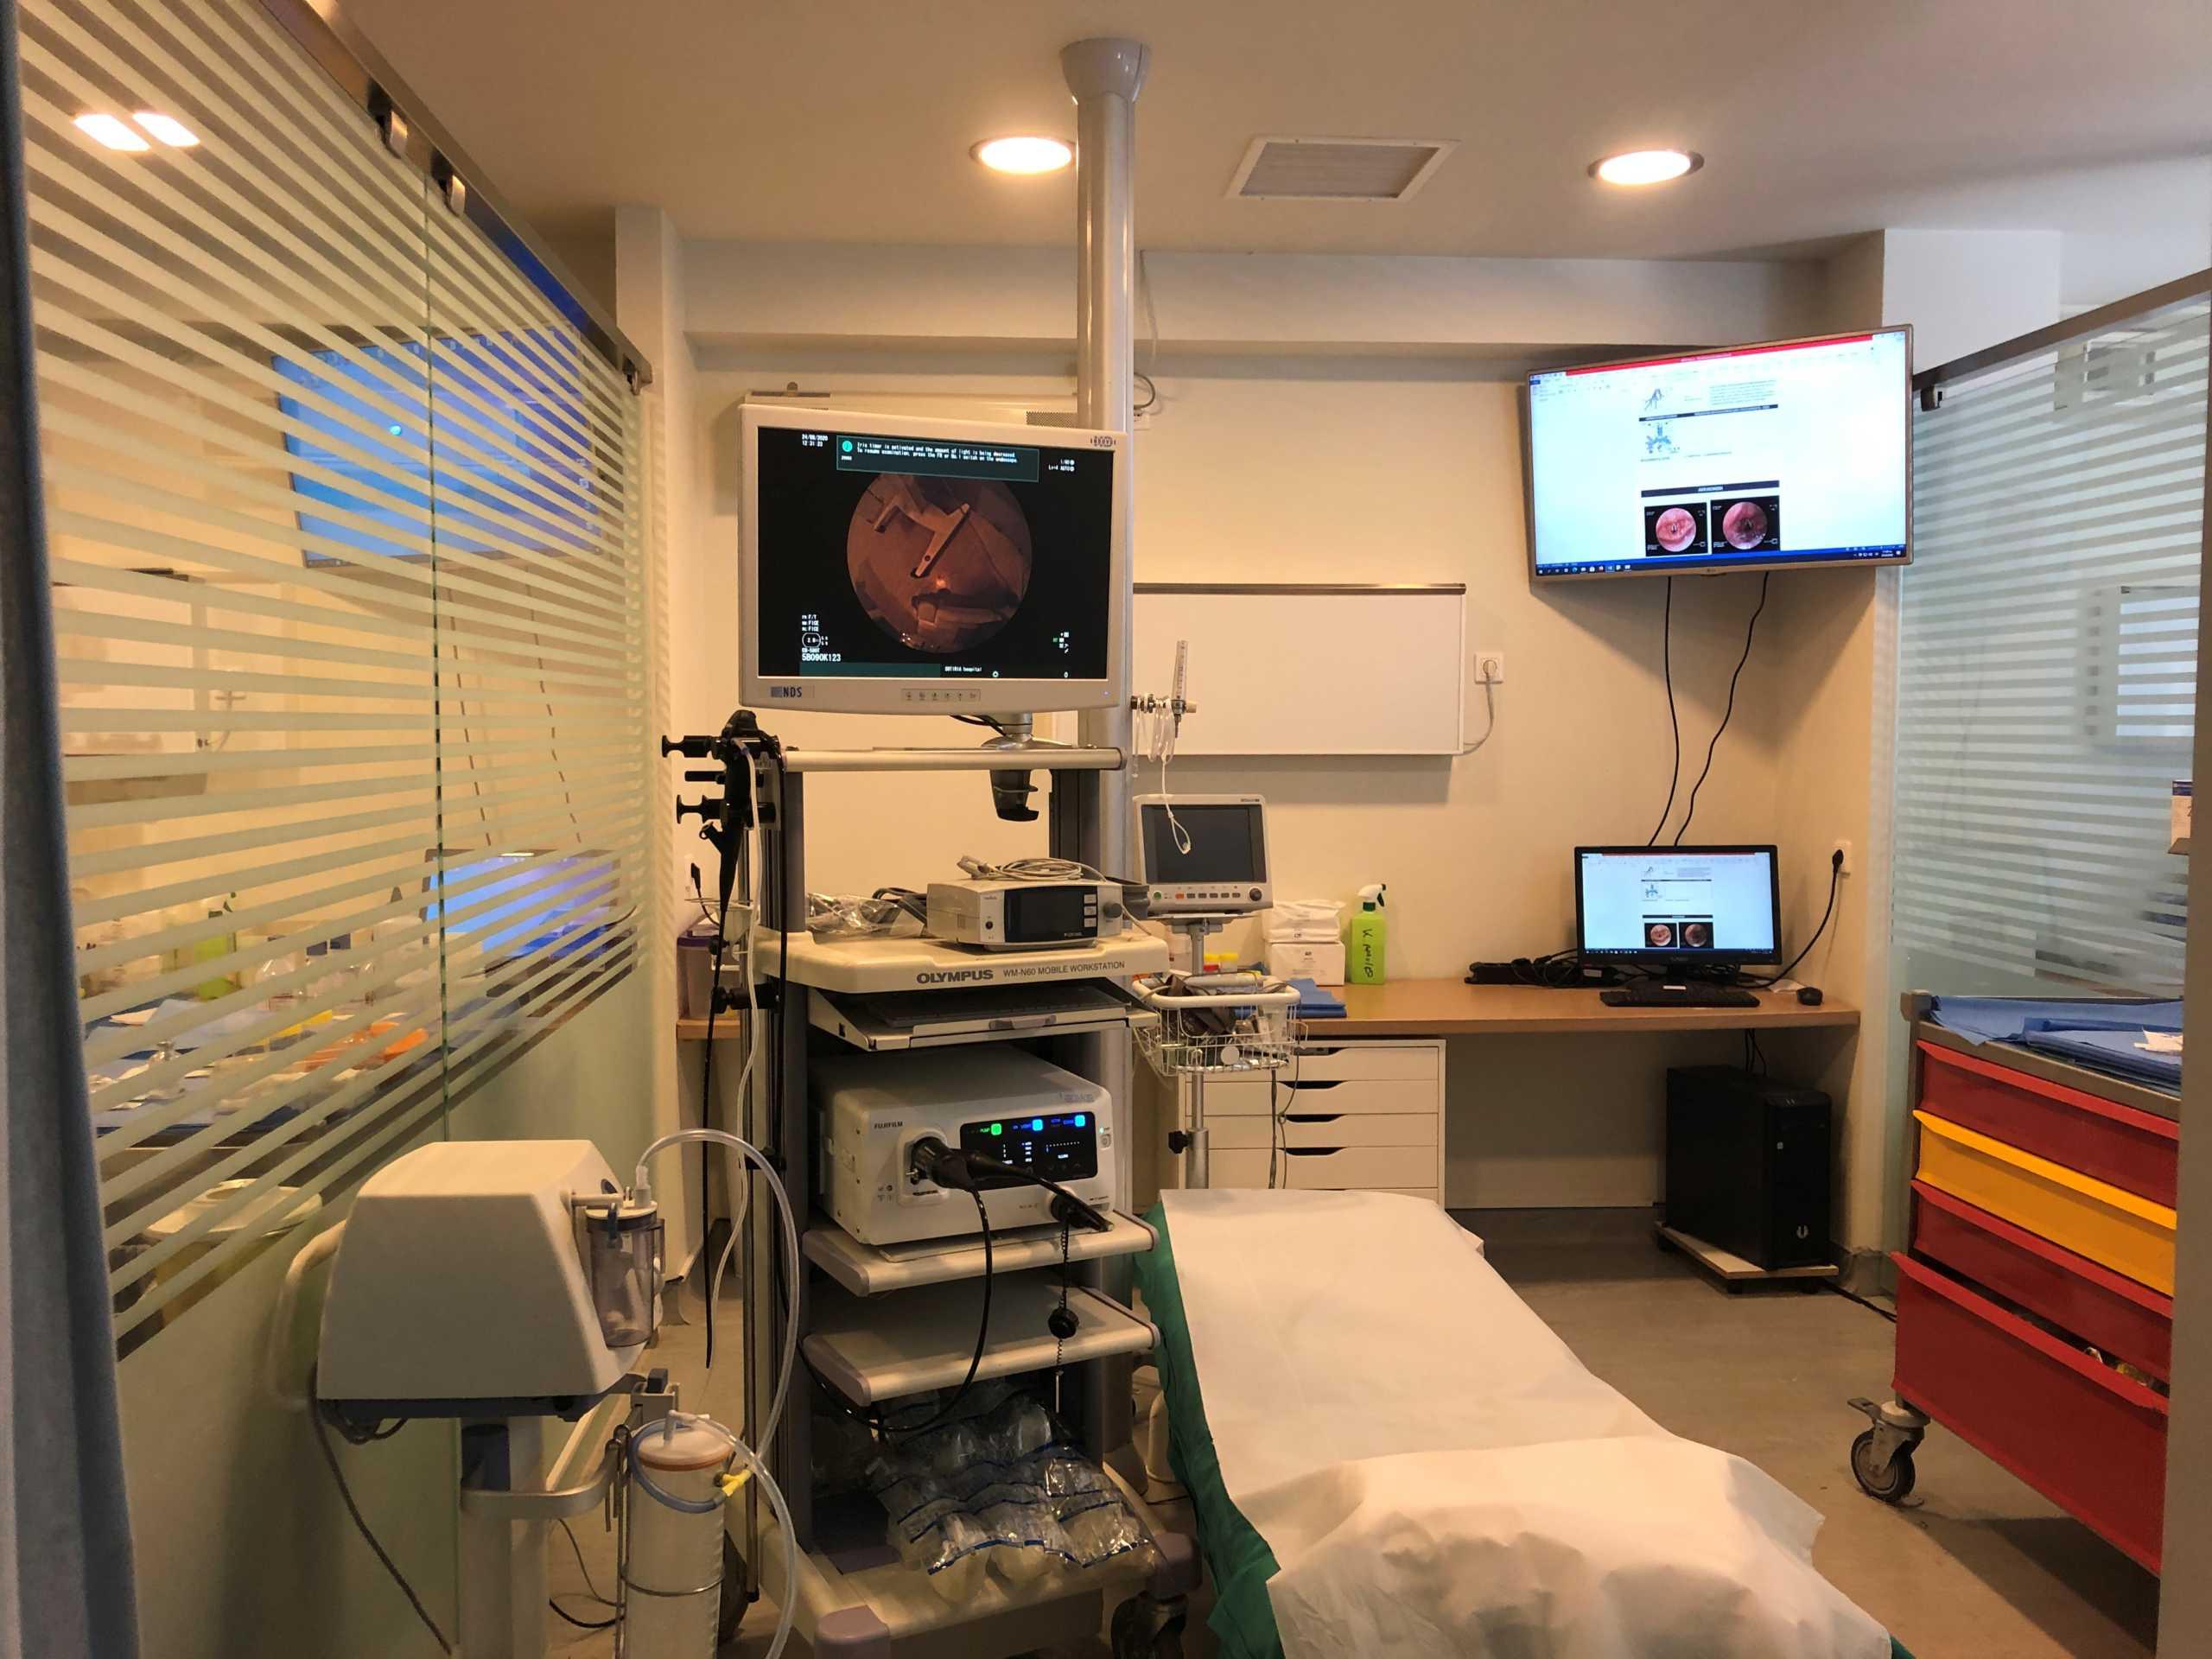 Κορονοϊός: Στη ΜΕΘ του νοσοκομείου Πατρών 28χρονος χωρίς υποκείμενα νοσήματα